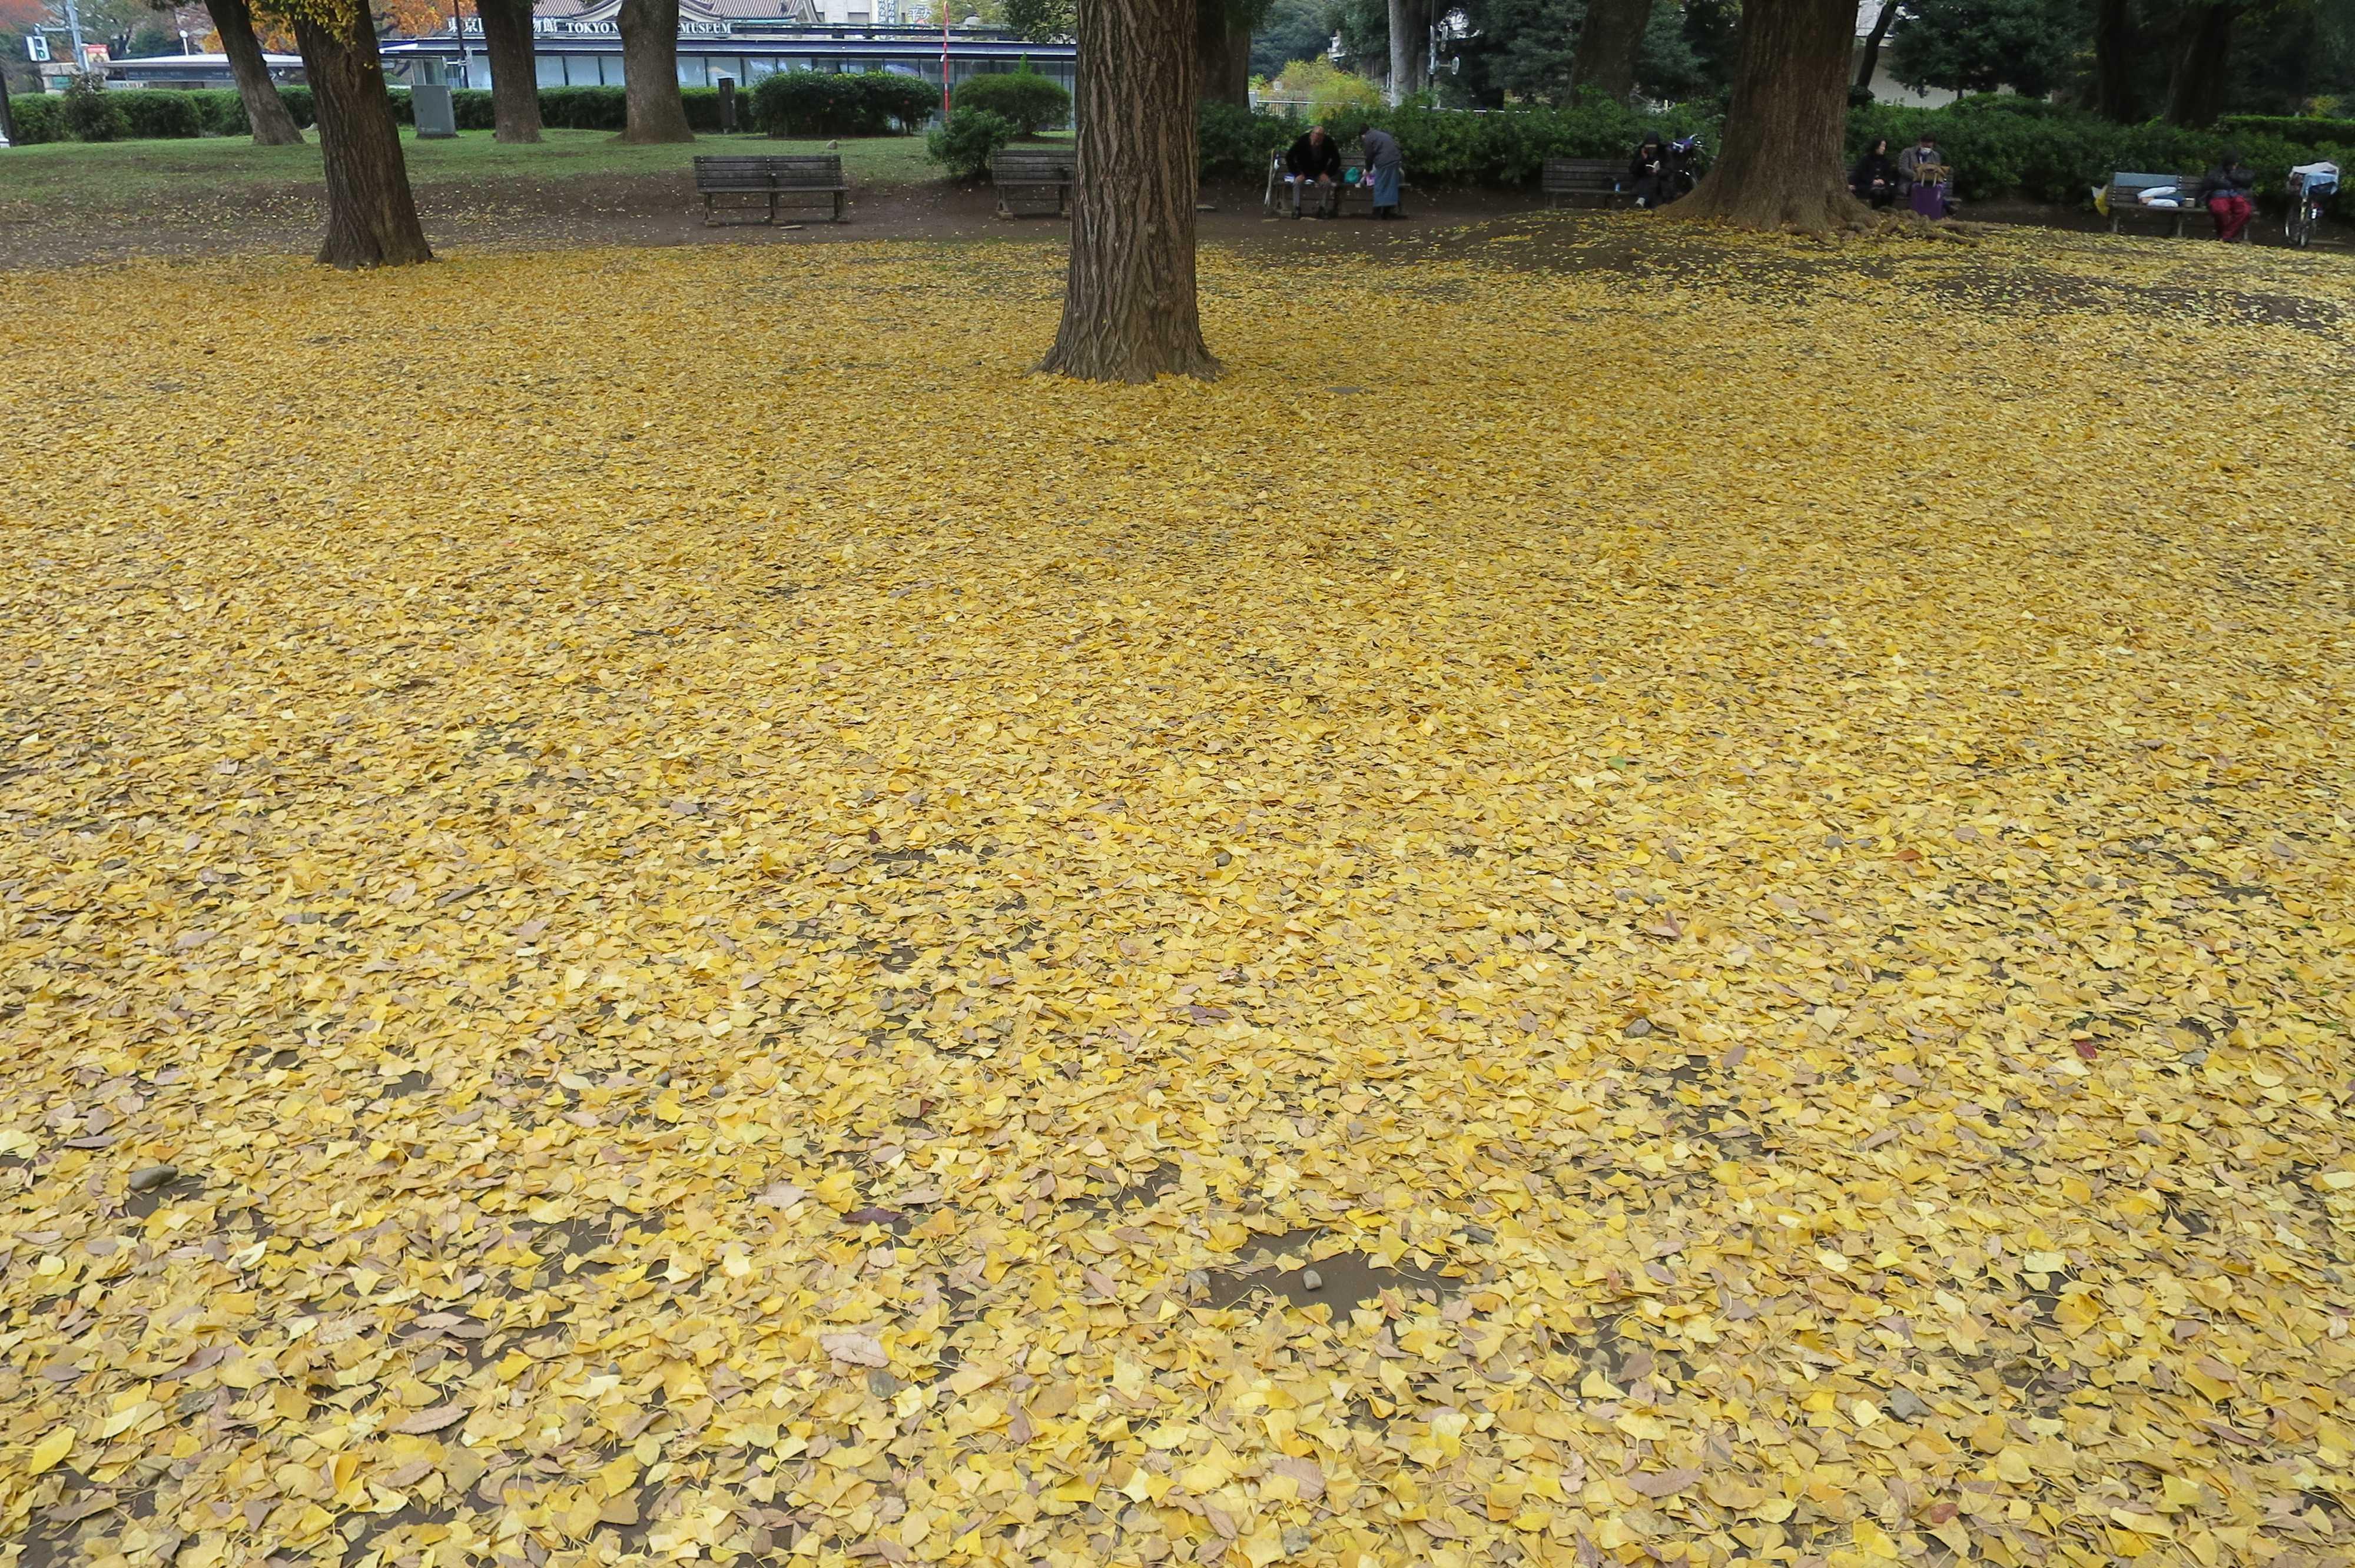 上野公園のいちょう - 一面、黄色いイチョウの葉っぱ